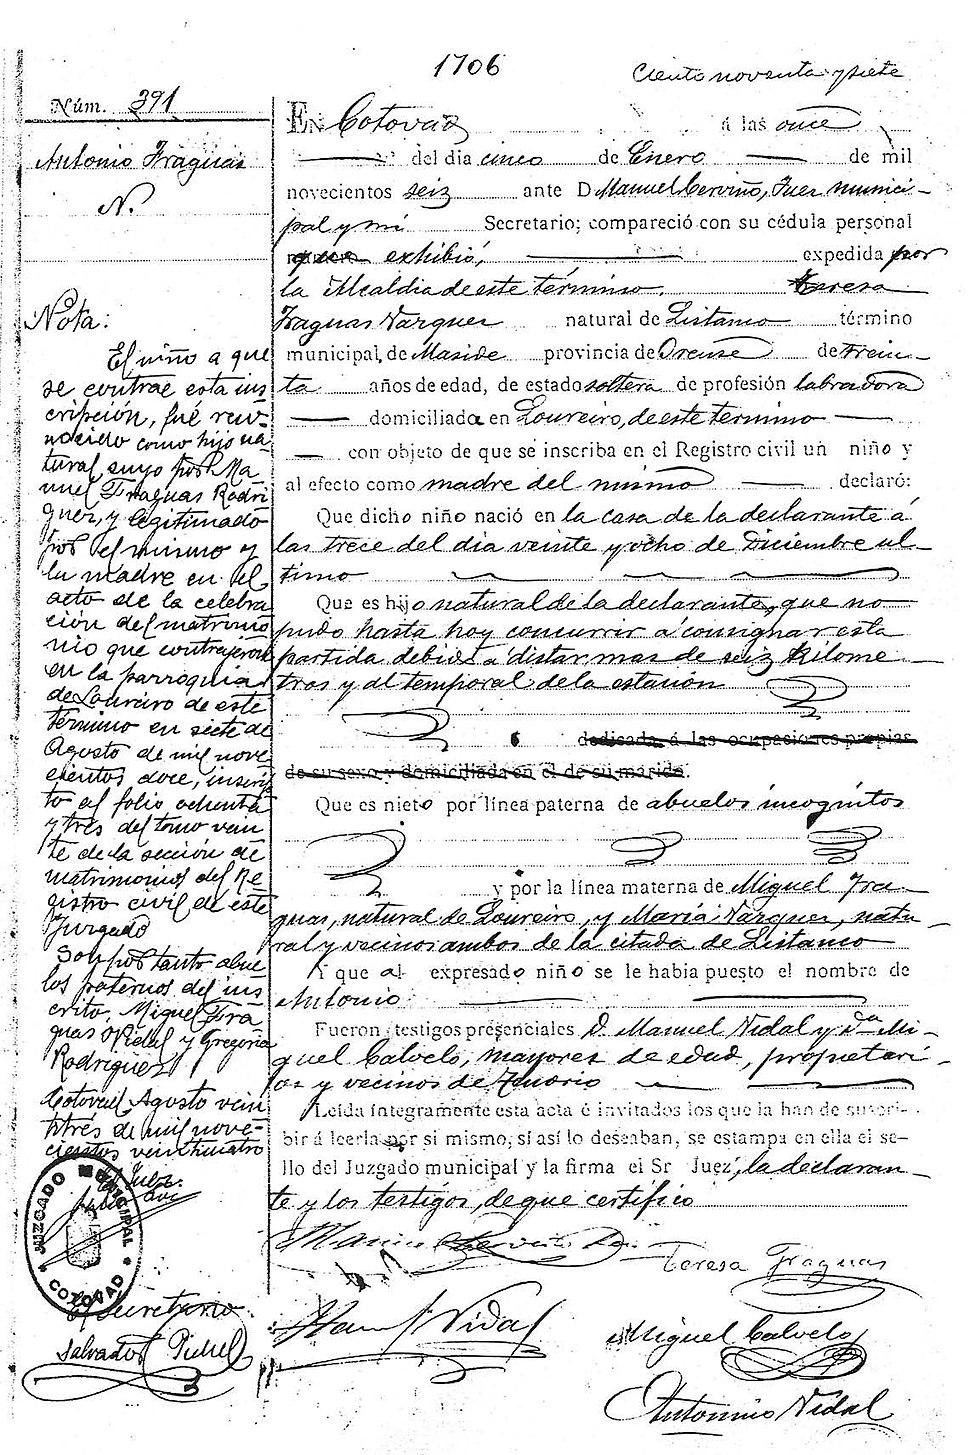 Inscrición de nacemento de Antón. Rexistro civil de Cotobade, 1906.